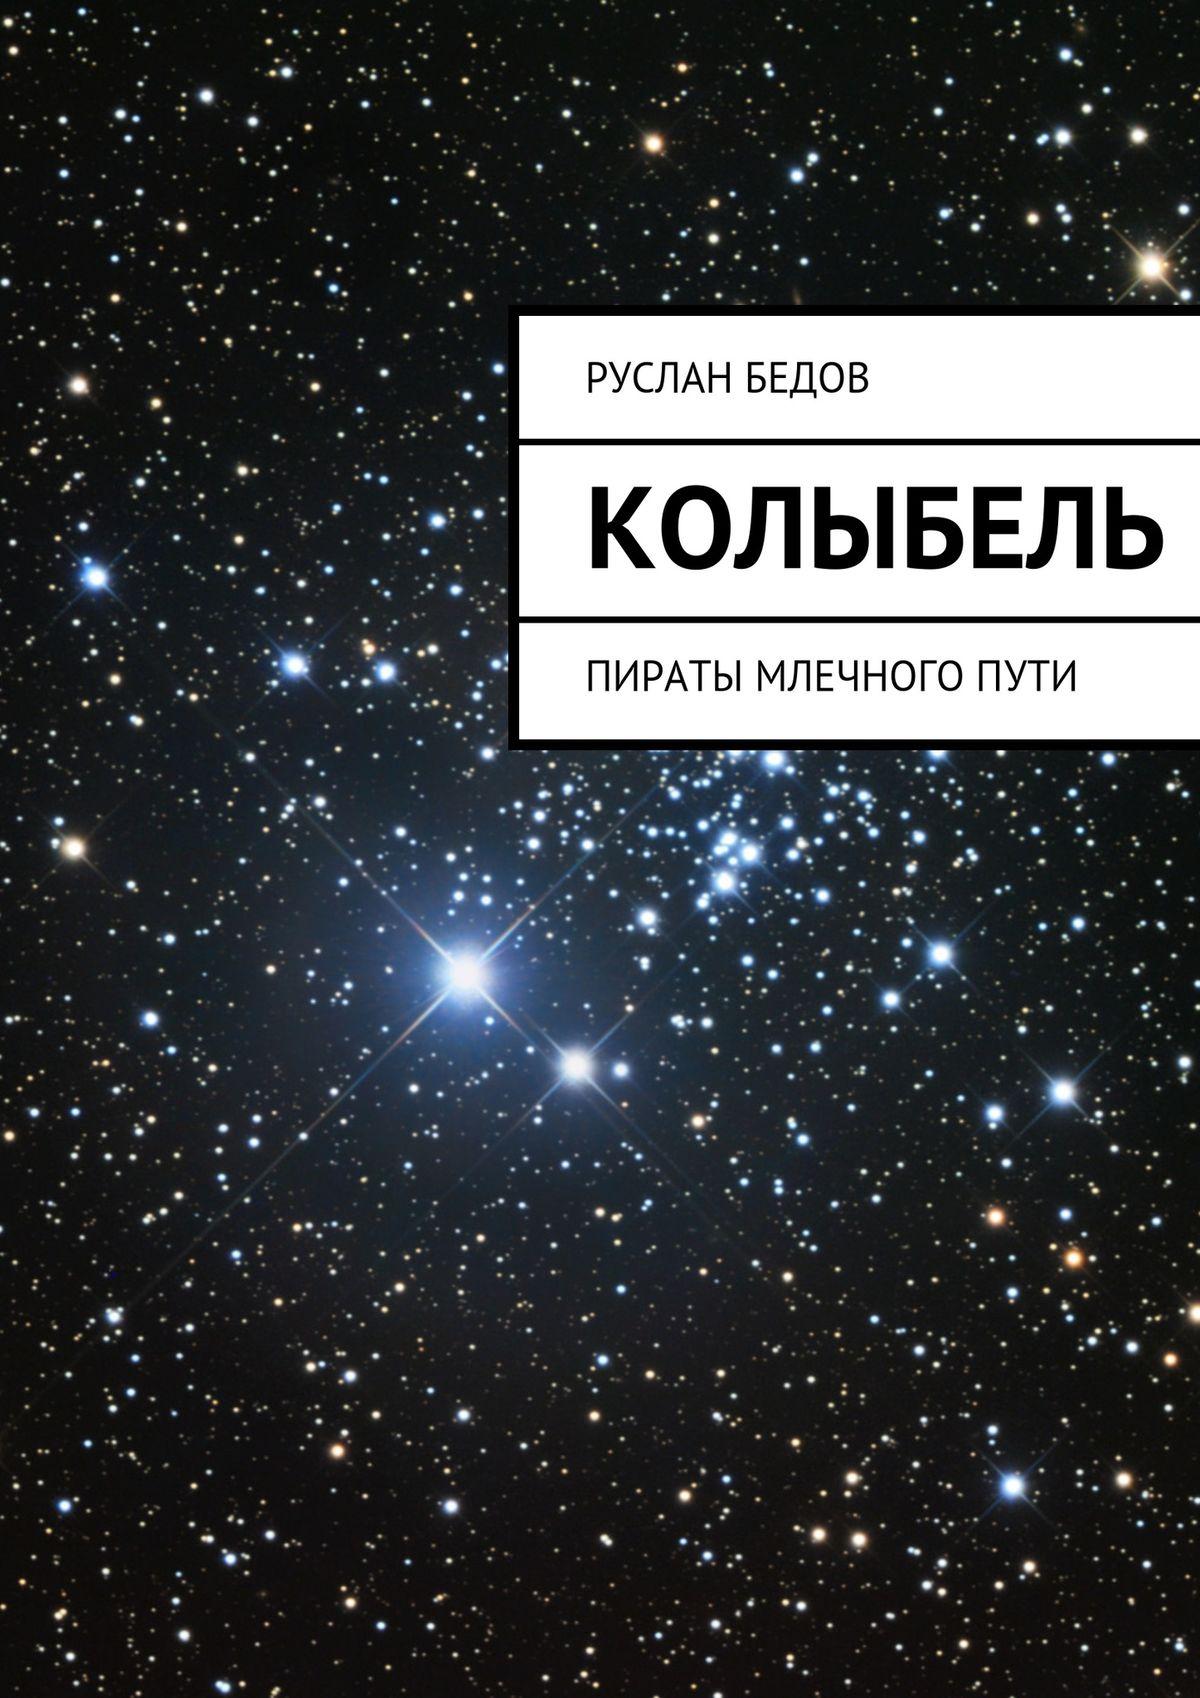 Руслан Бедов Колыбель руслан бедов хранитель бездны фантастическая повесть